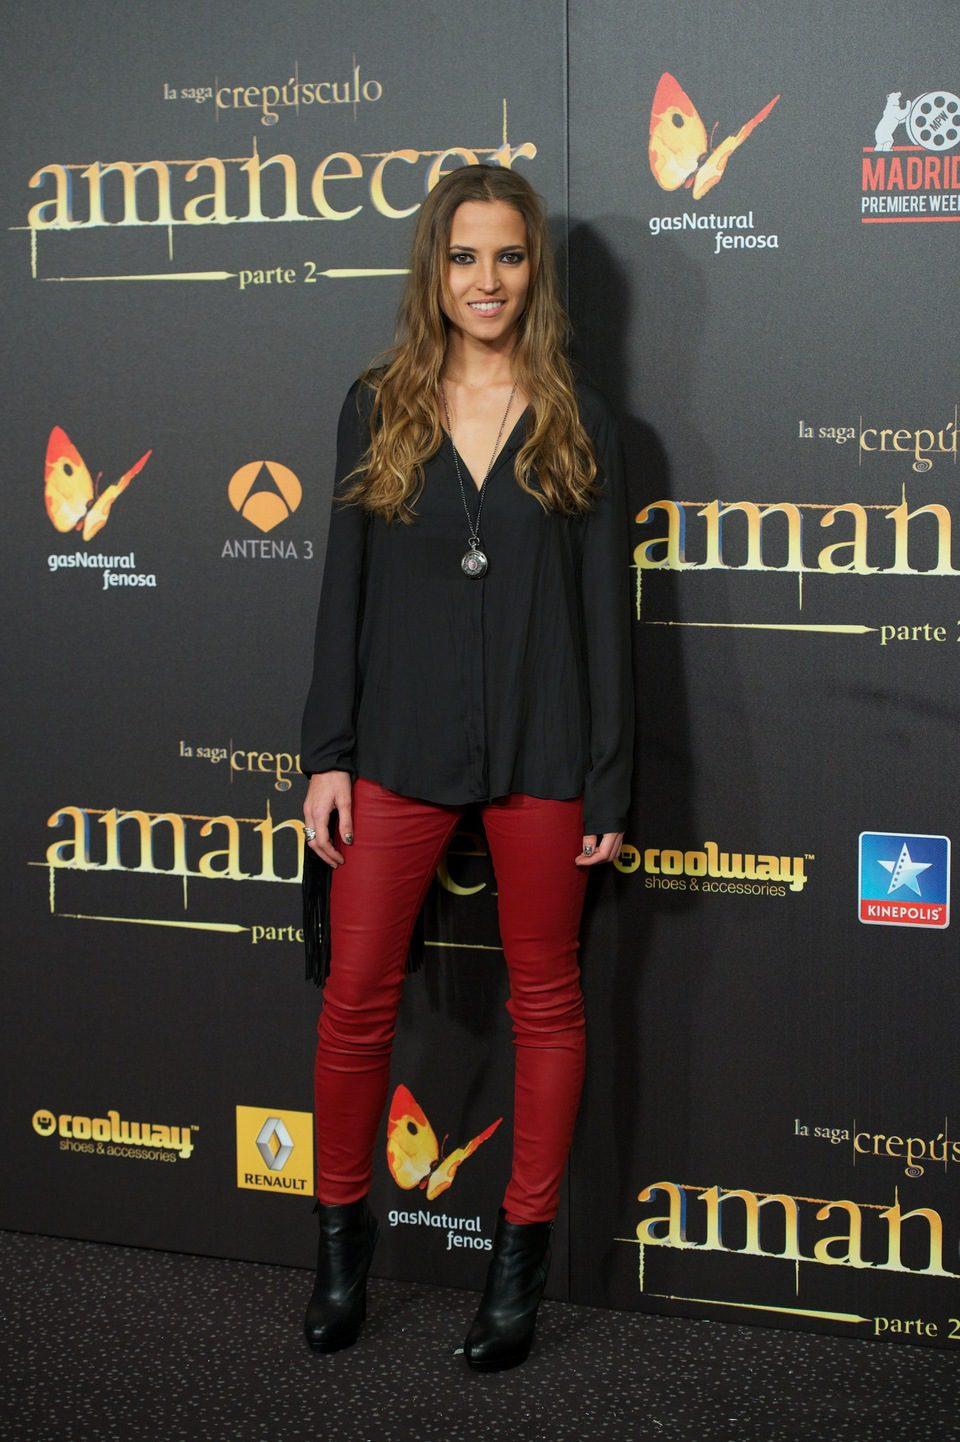 Ana Fernández García ana fernández garcía en el estreno en madrid de 'amanecer